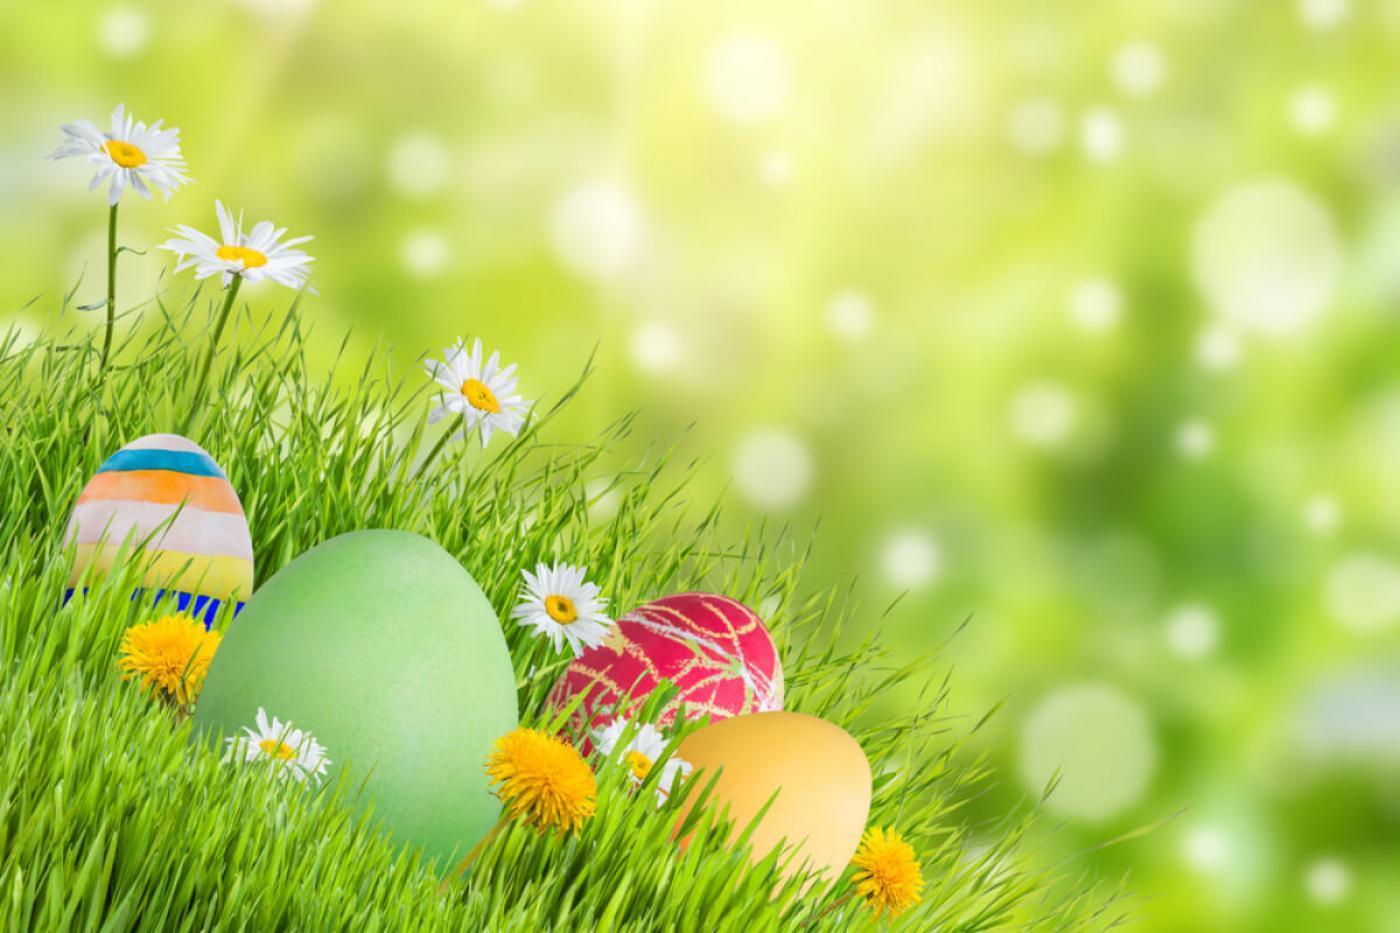 Heti horoszkóp: jól alakul a húsvéti nagyhét